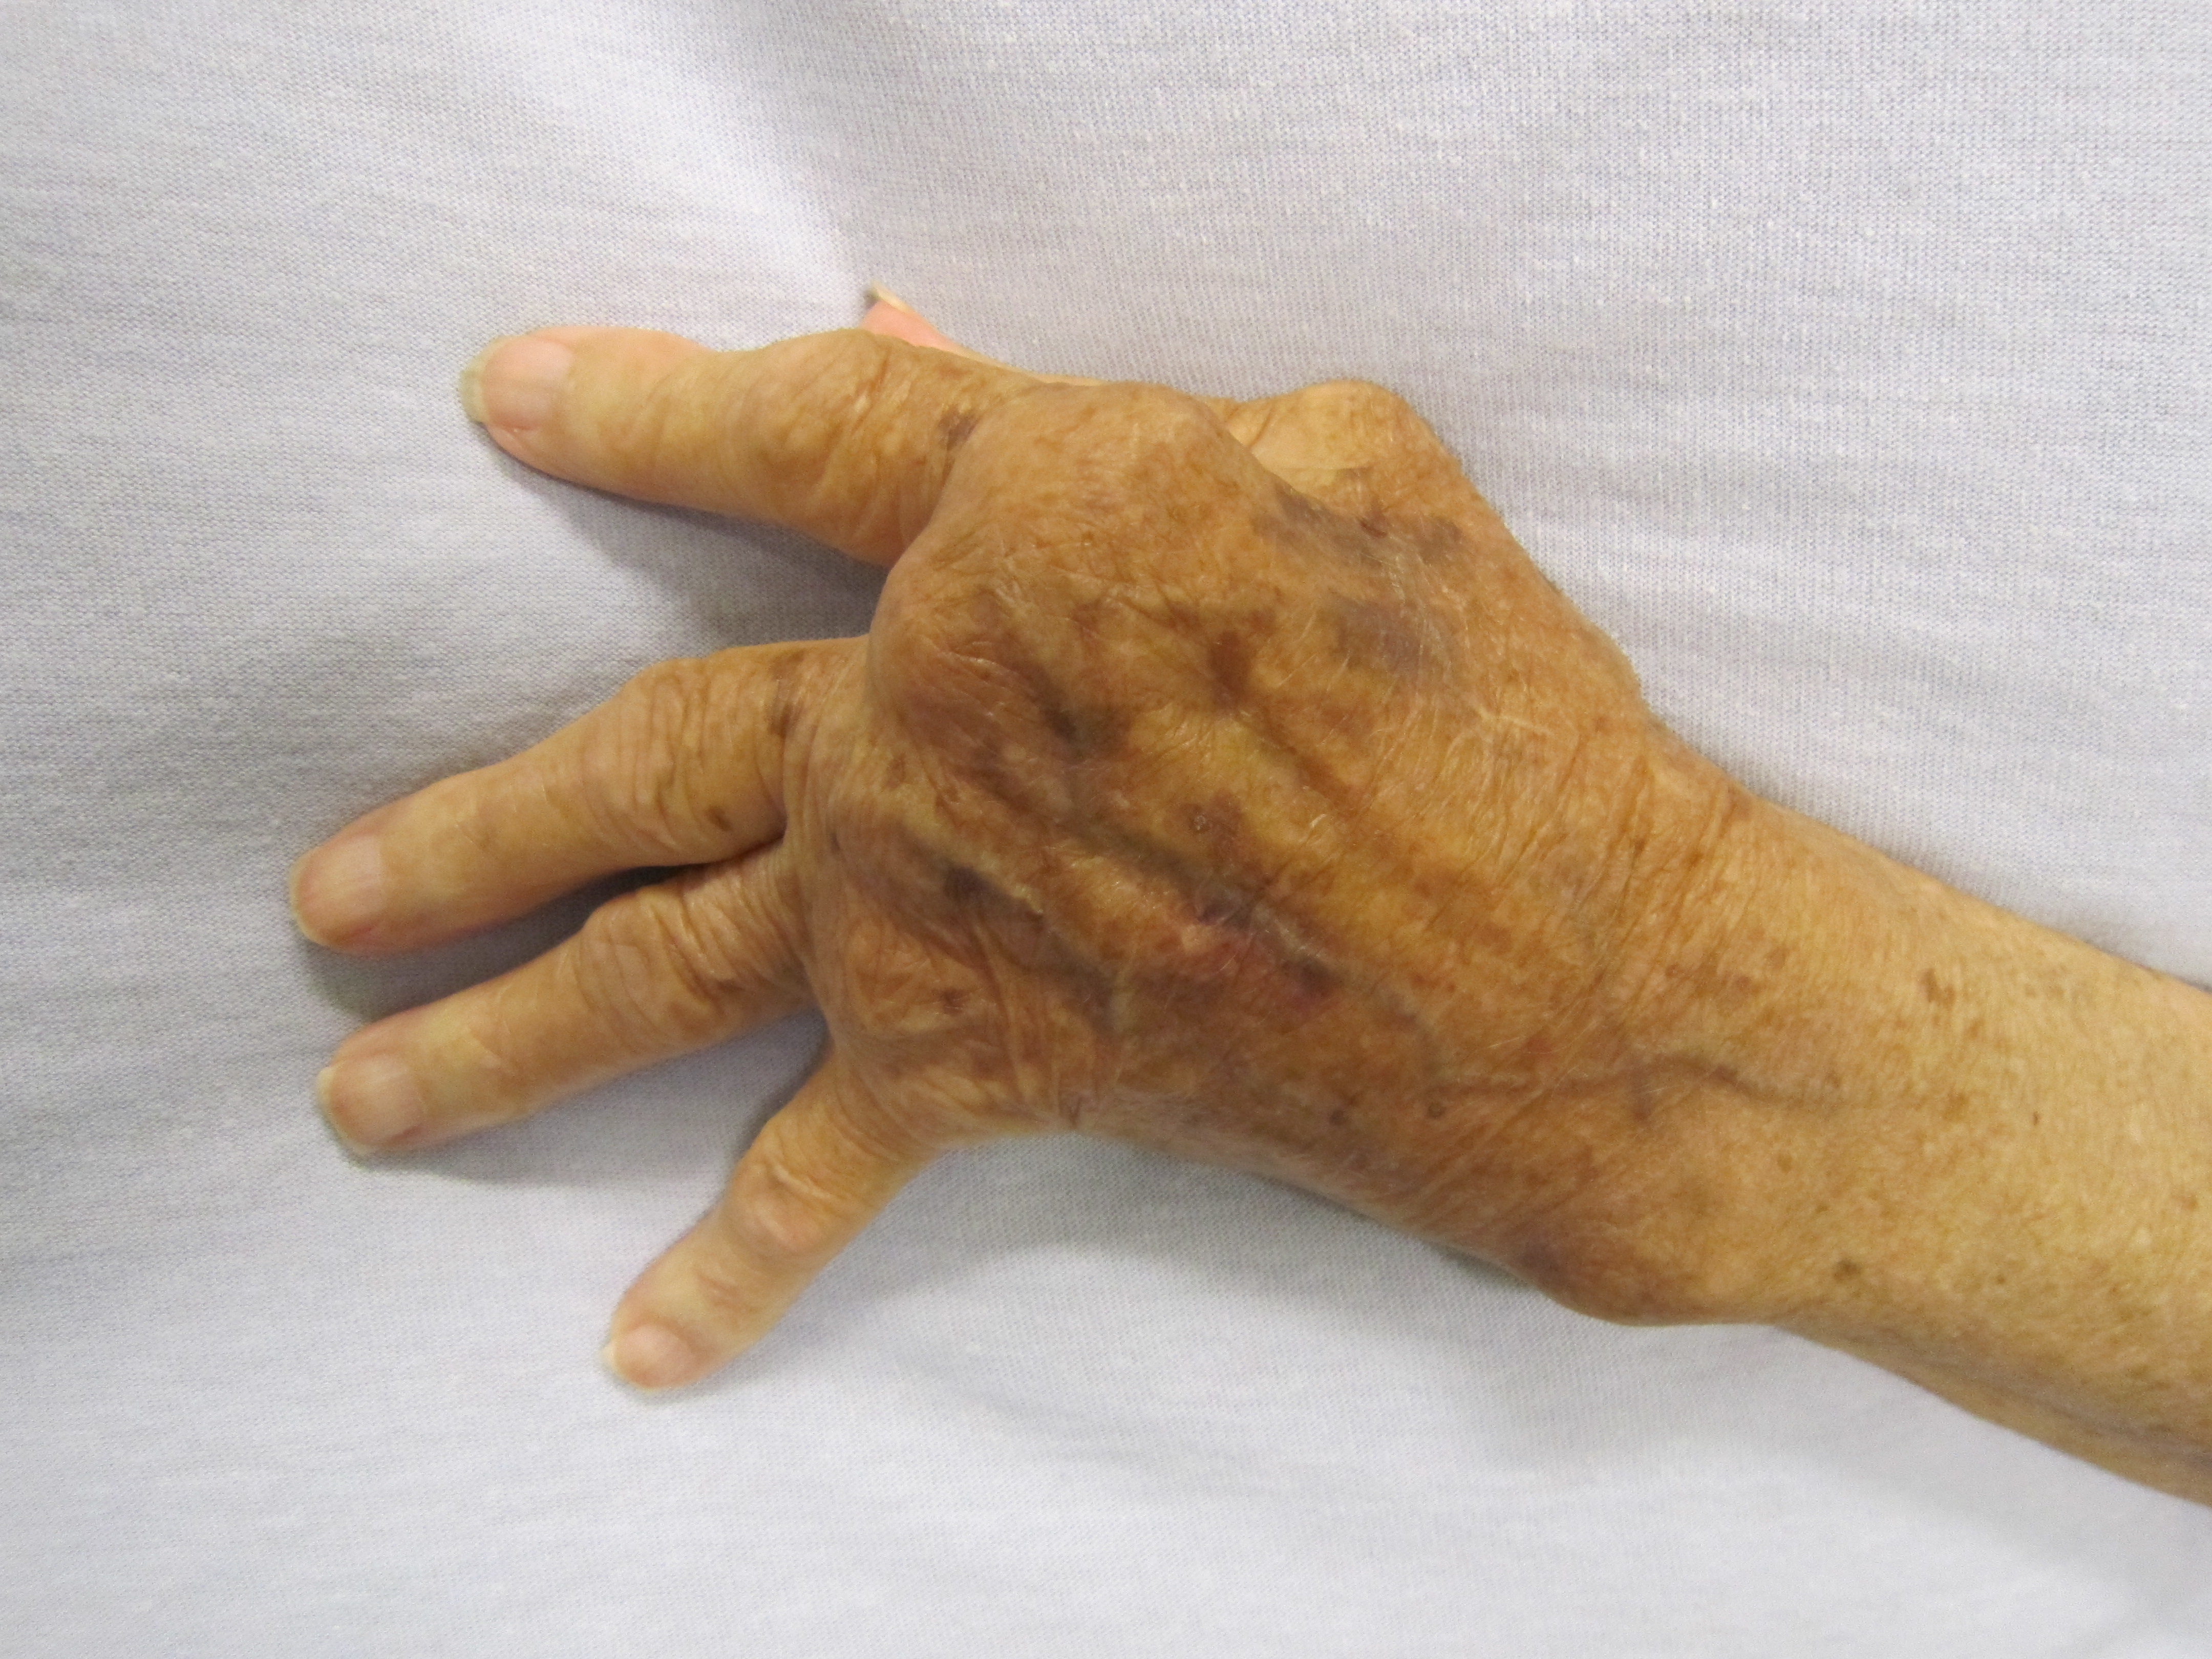 fáj a kéz kis ujjainak ízületei)